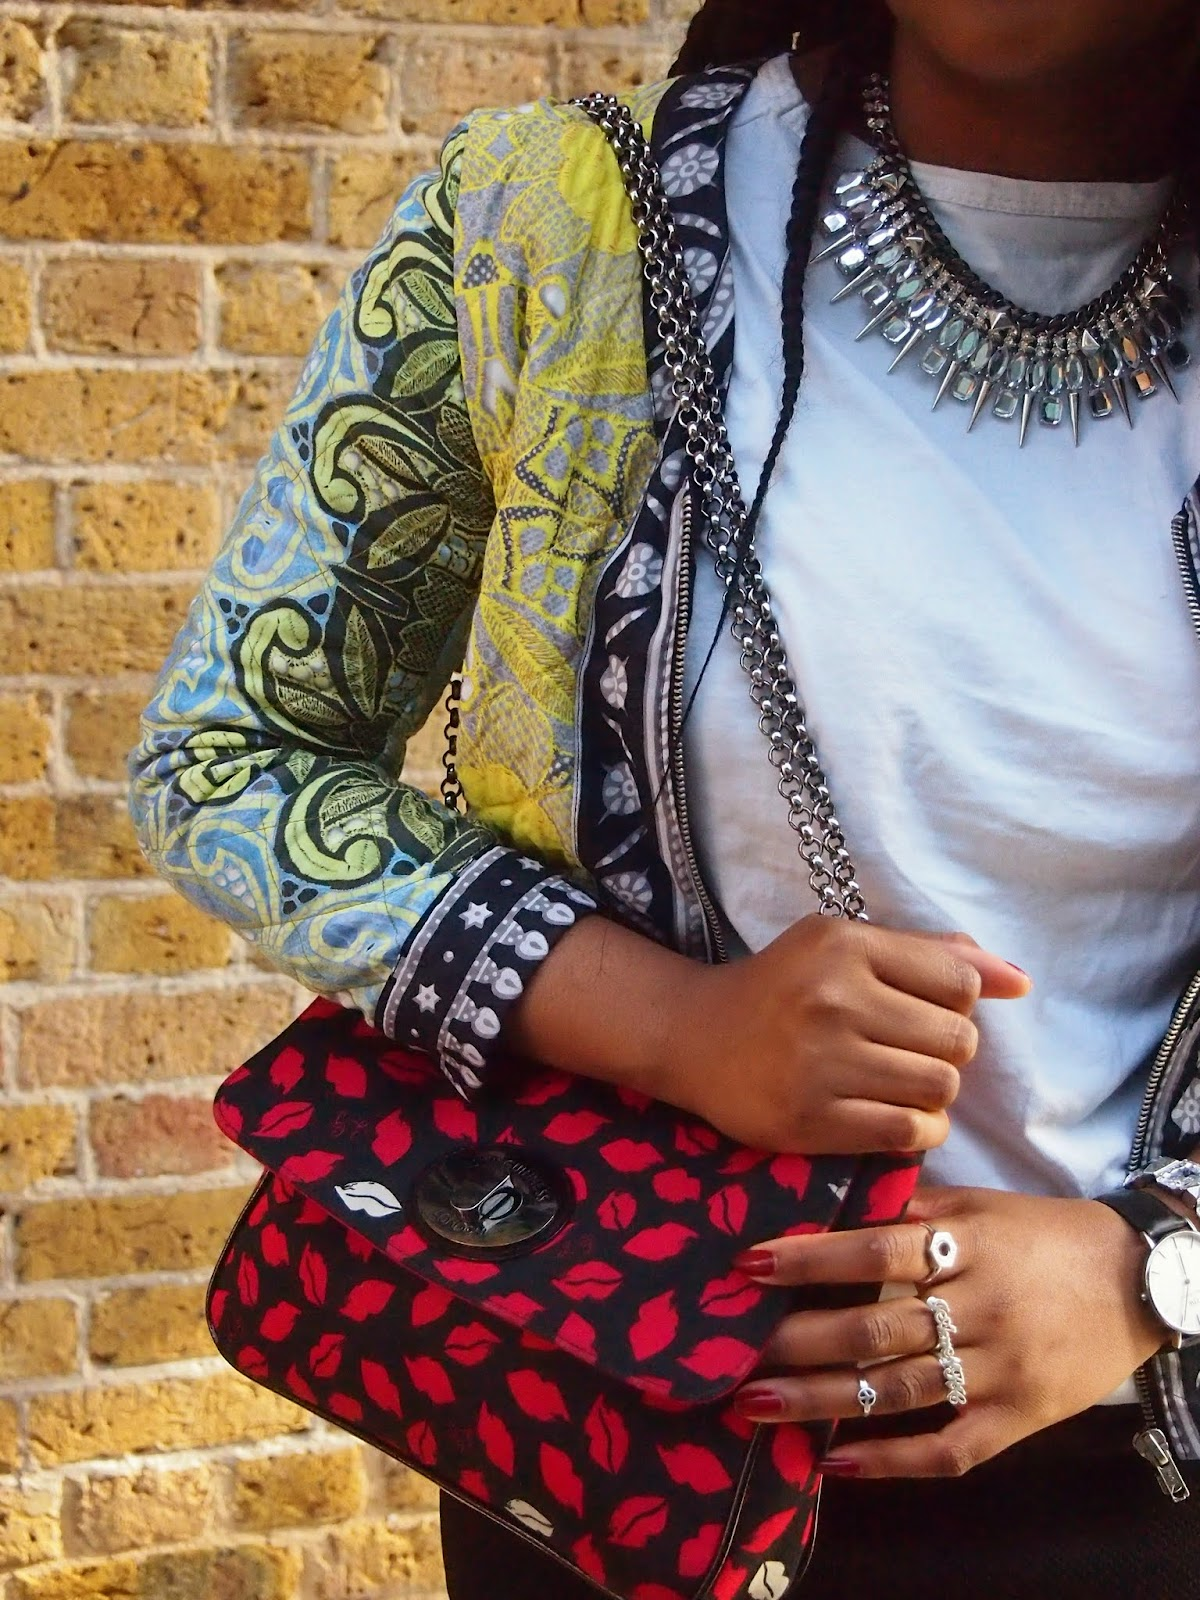 Asos Africa Jacket, Asos Africa, ASOS , Lulu Guinness, Lulu Guinness Print Kiss Bag, Alexander Wang, Alexander Wang Tshirt